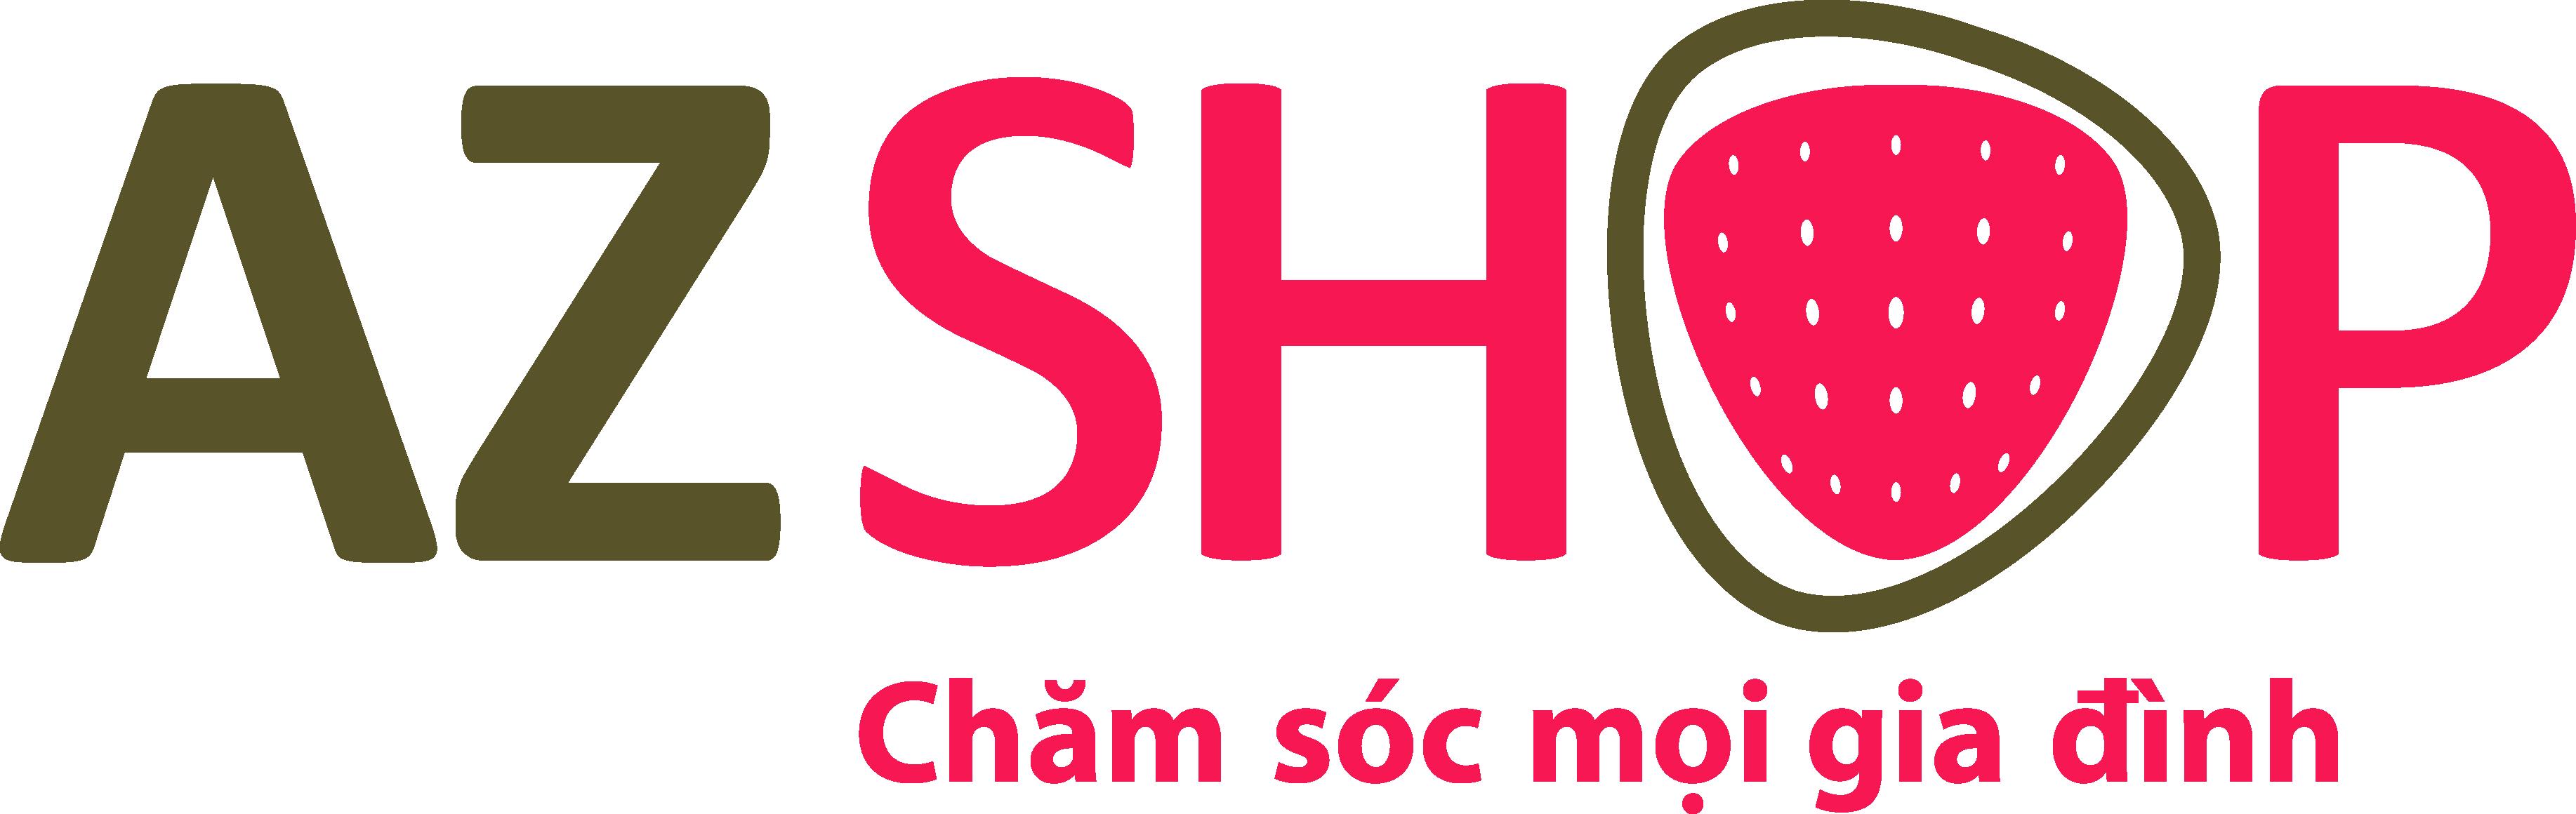 Đồng Nai 9 - AZShop